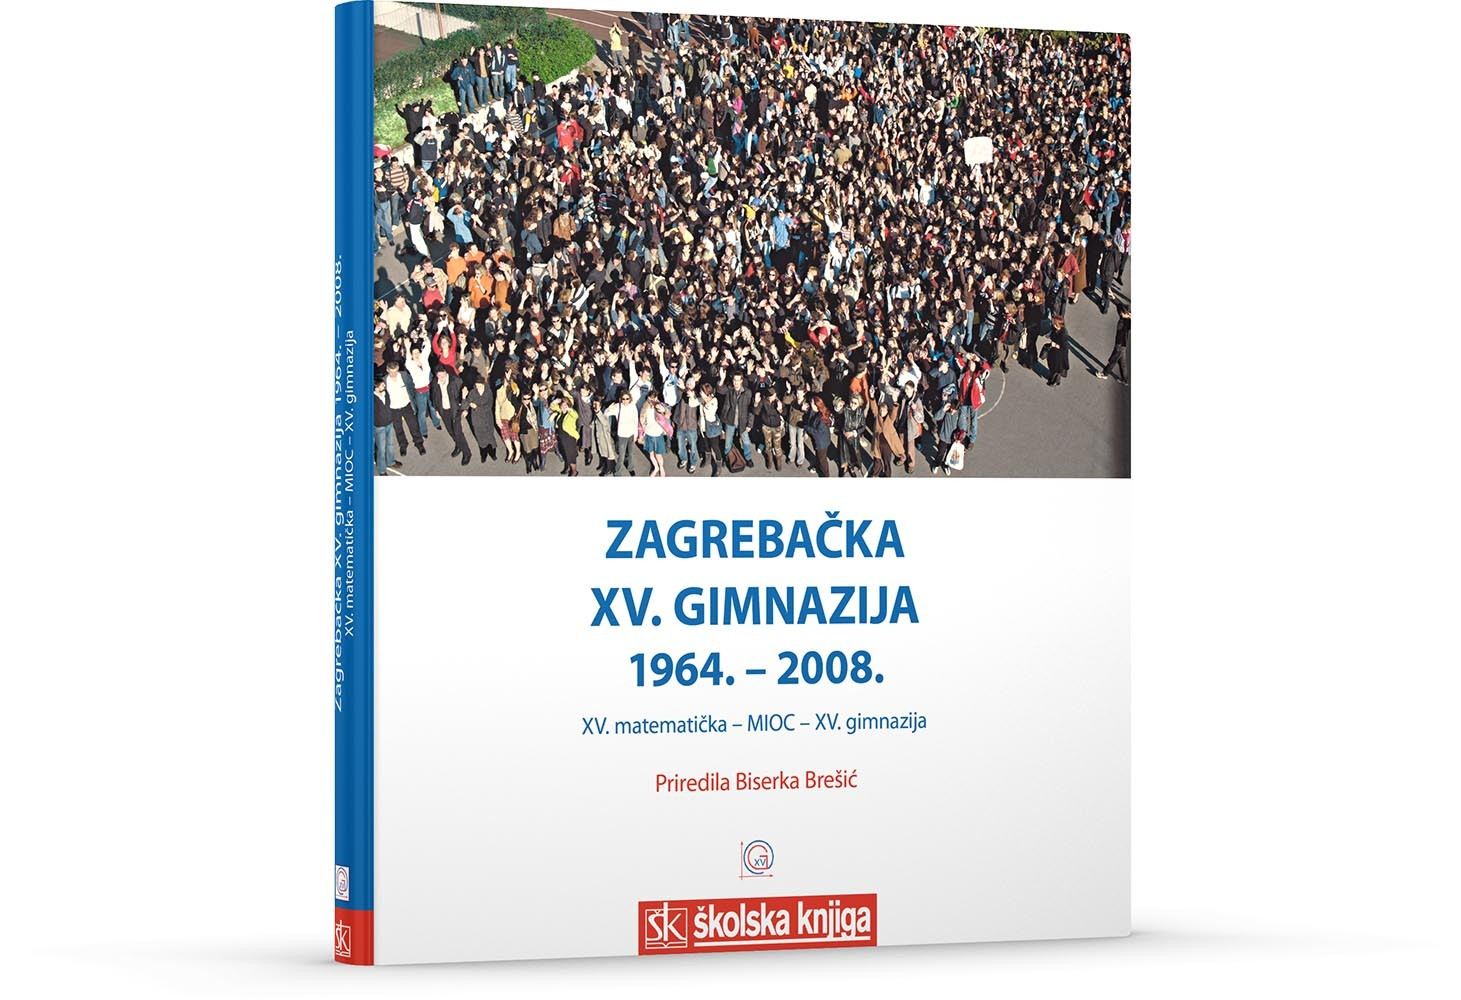 Zagrebačka XV. gimnazija 1964. - 2008.